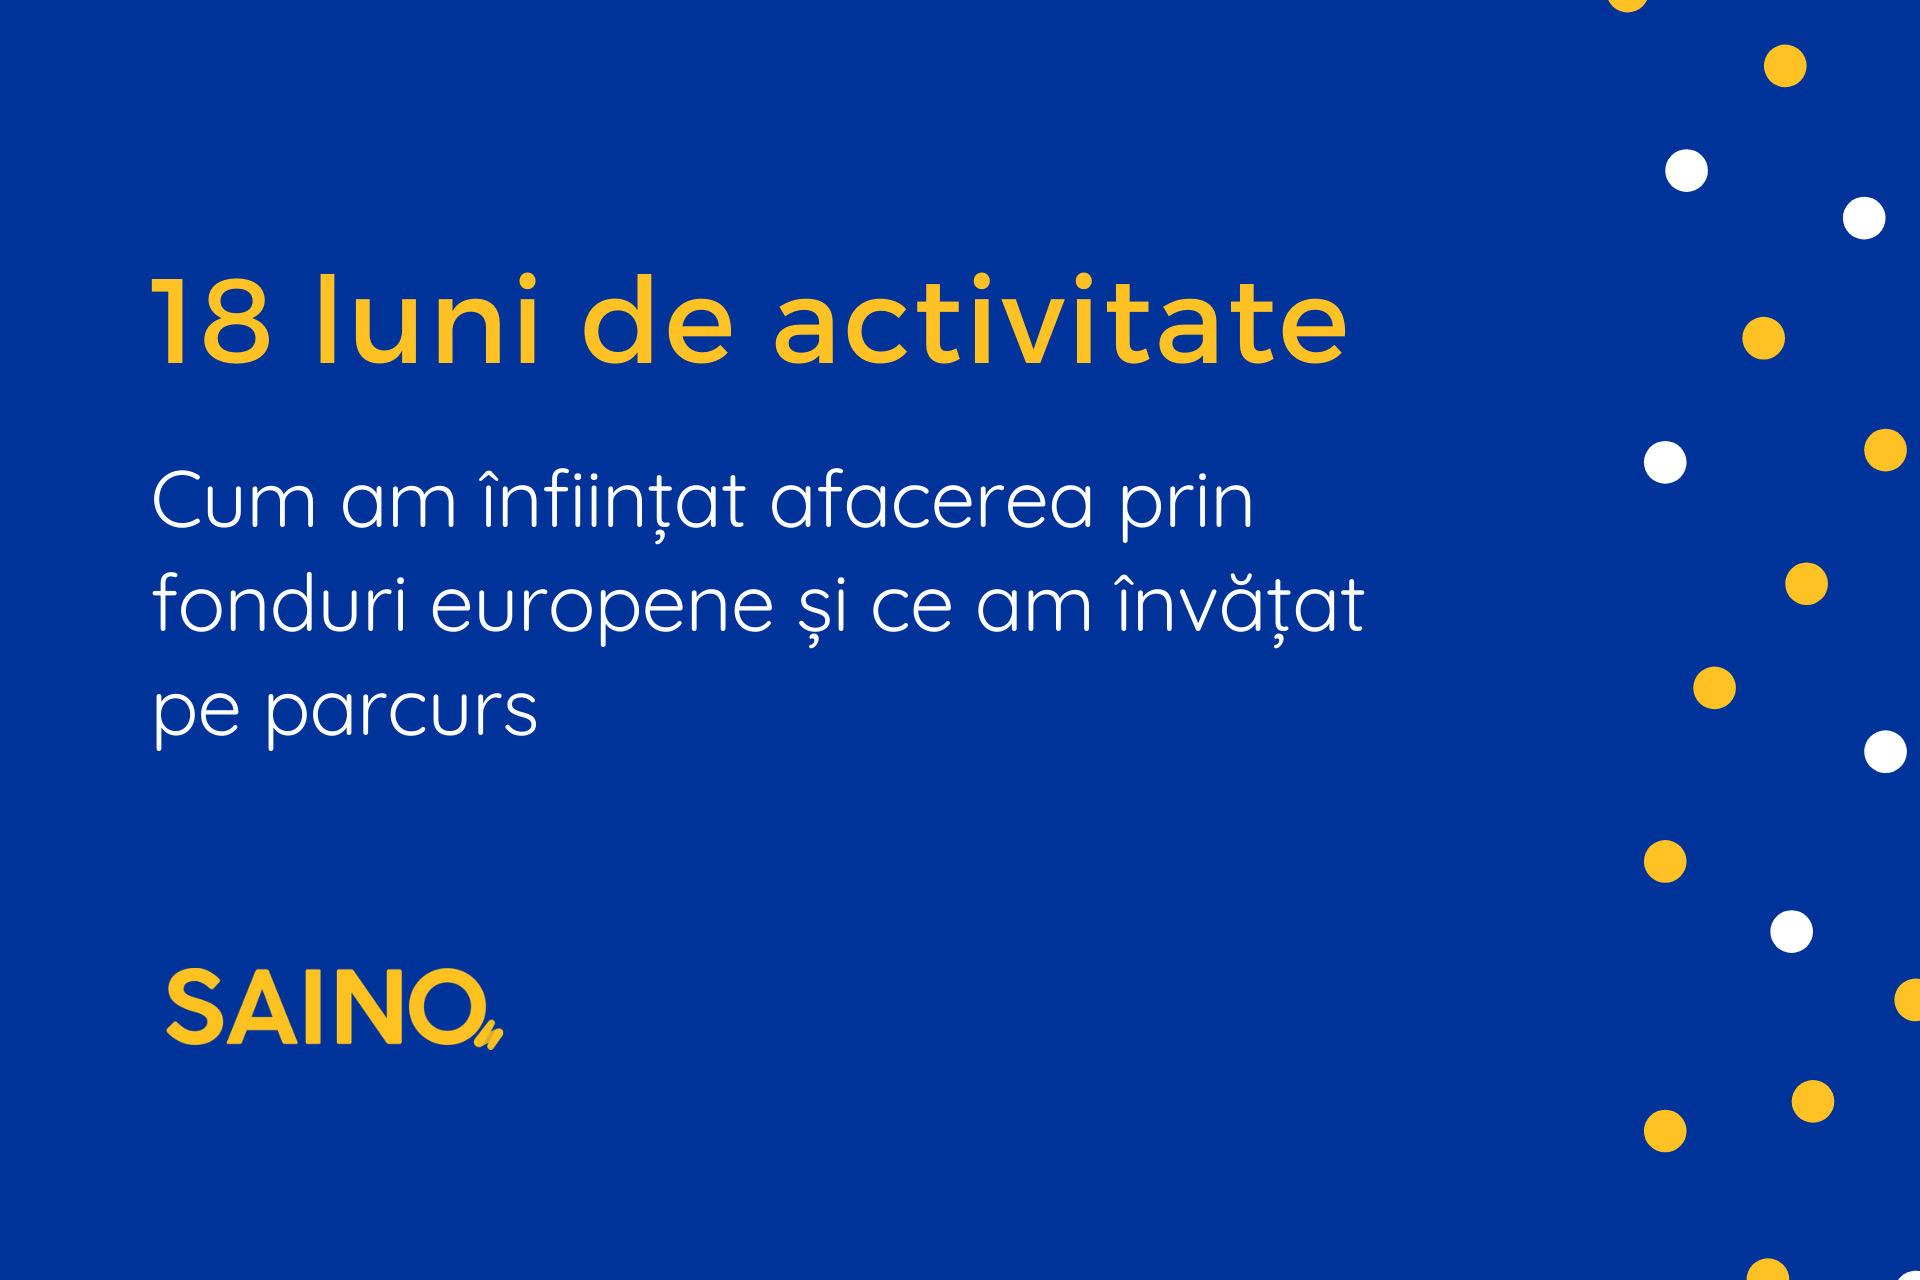 SAINO, firma de publicitate, afacere finantata prin fonduri europene